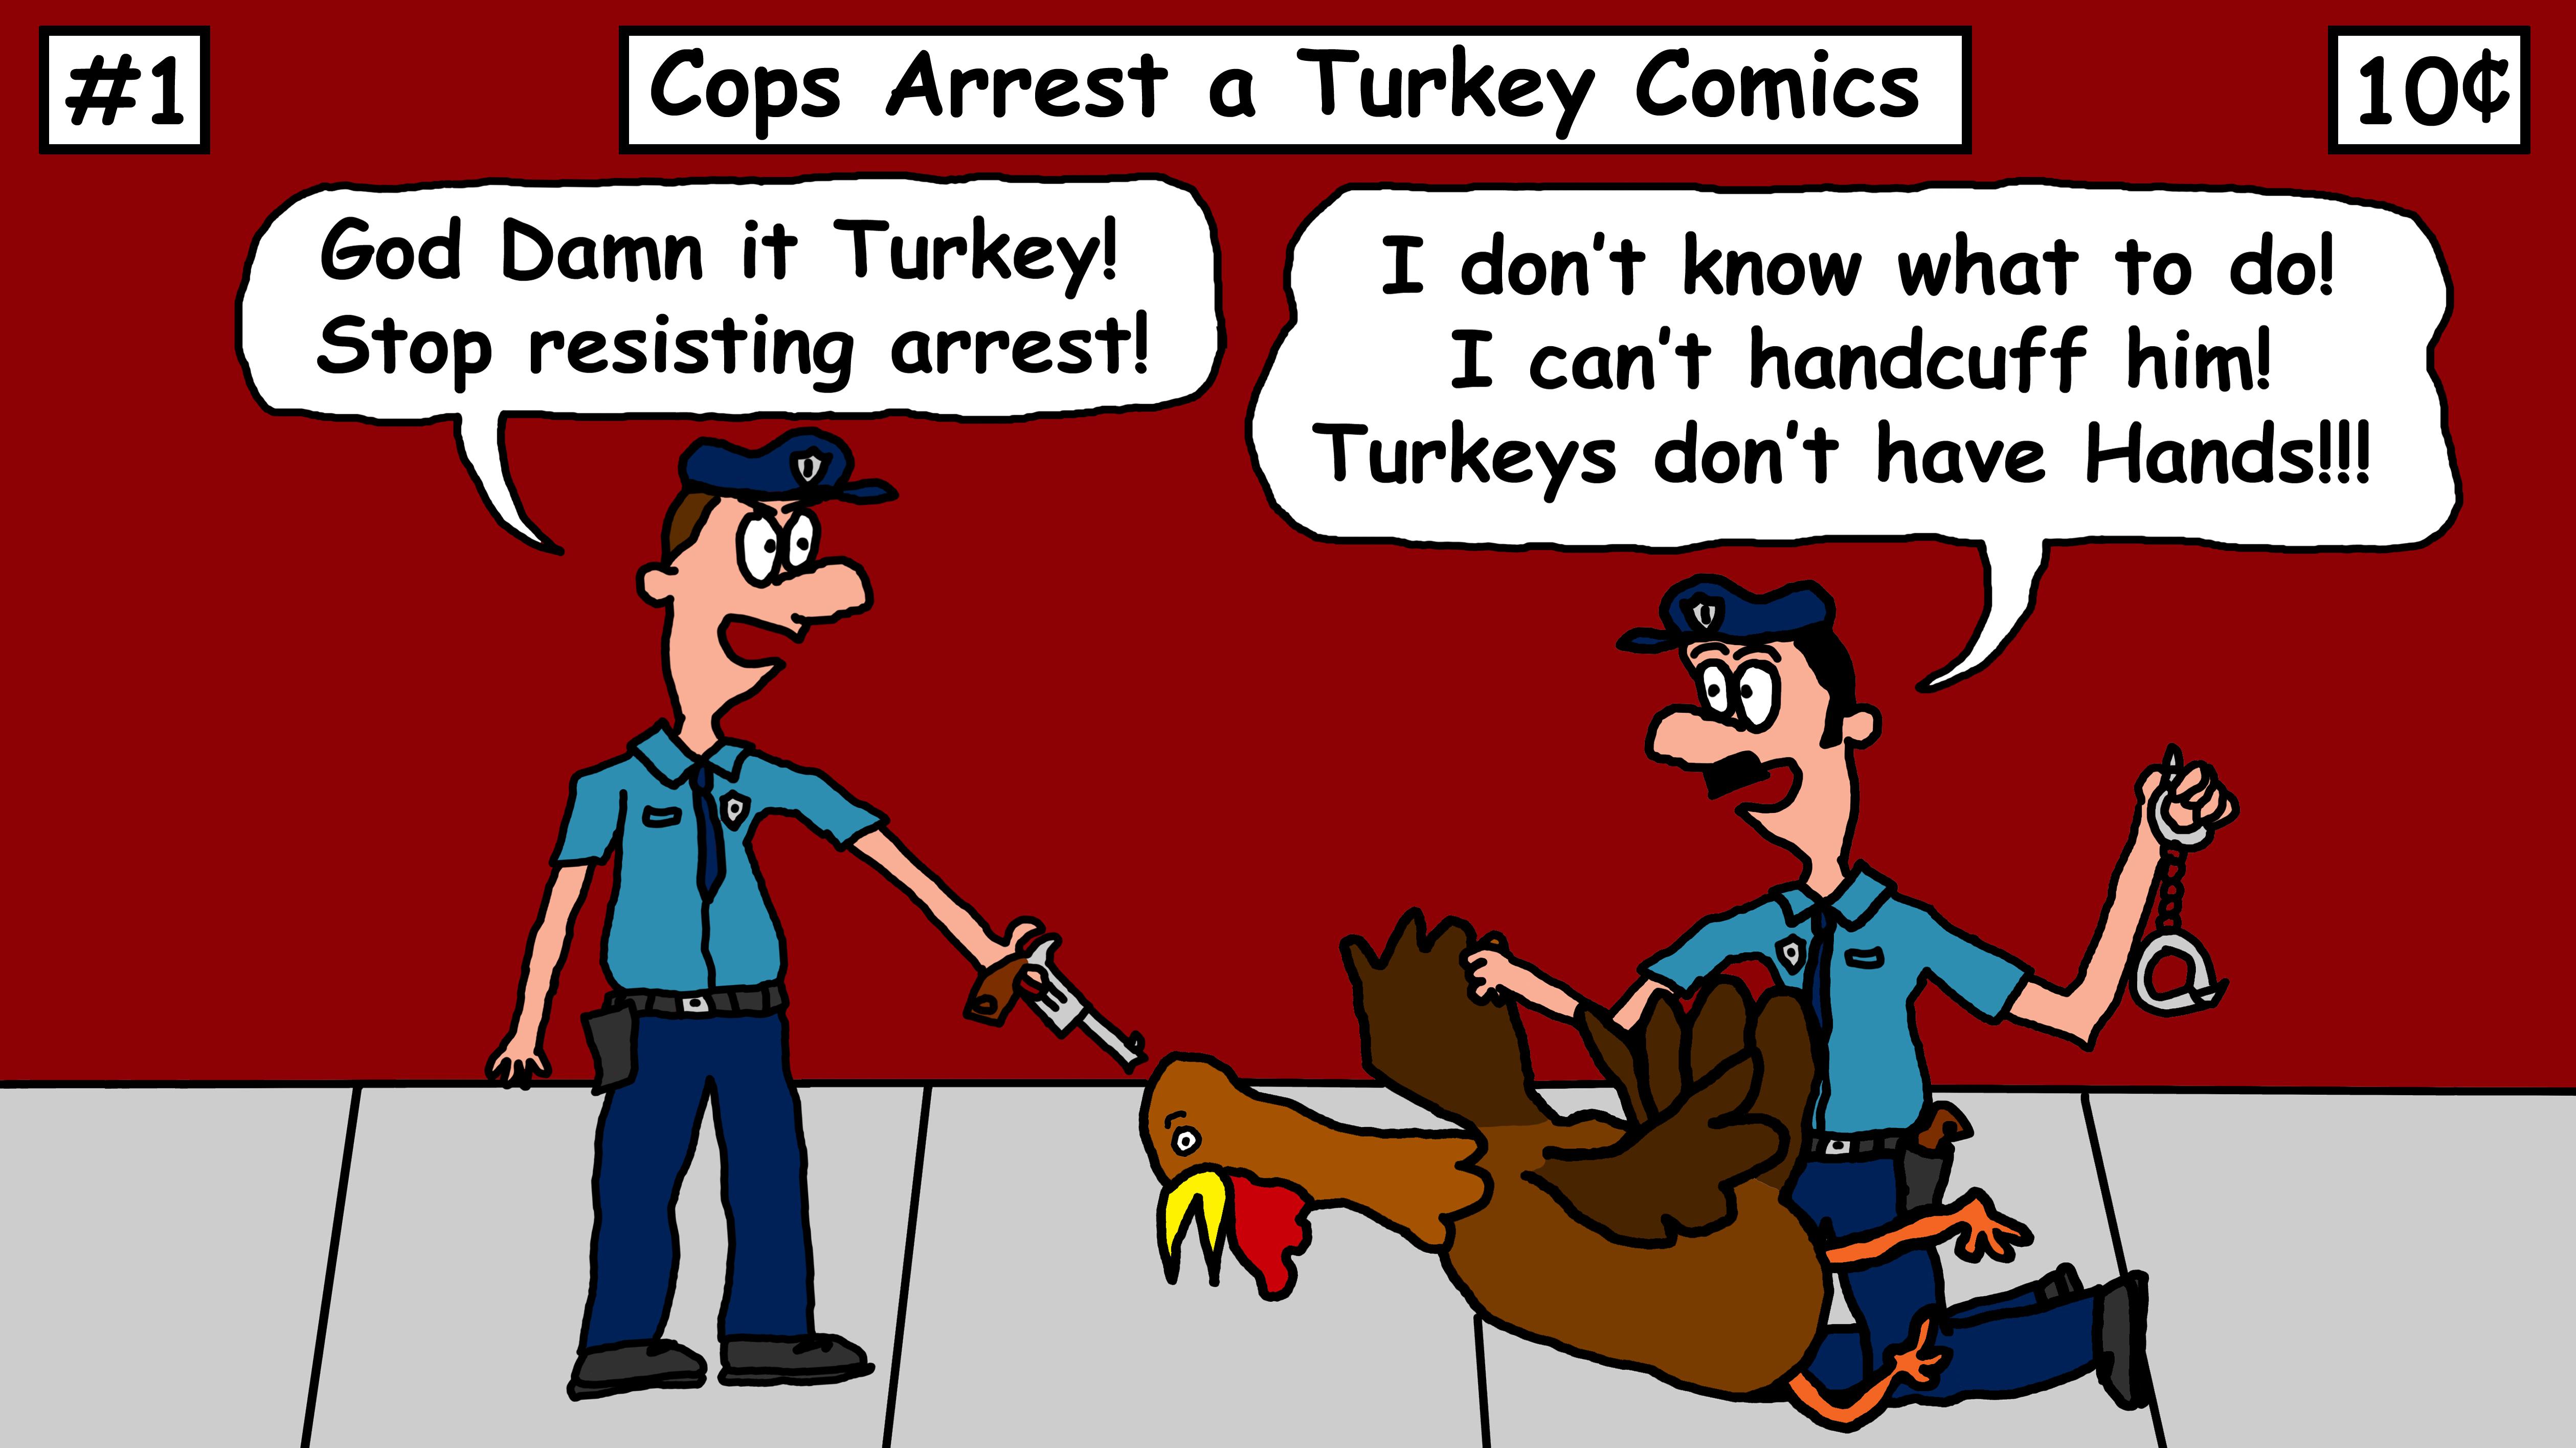 Cops Arrest a Turkey Comics